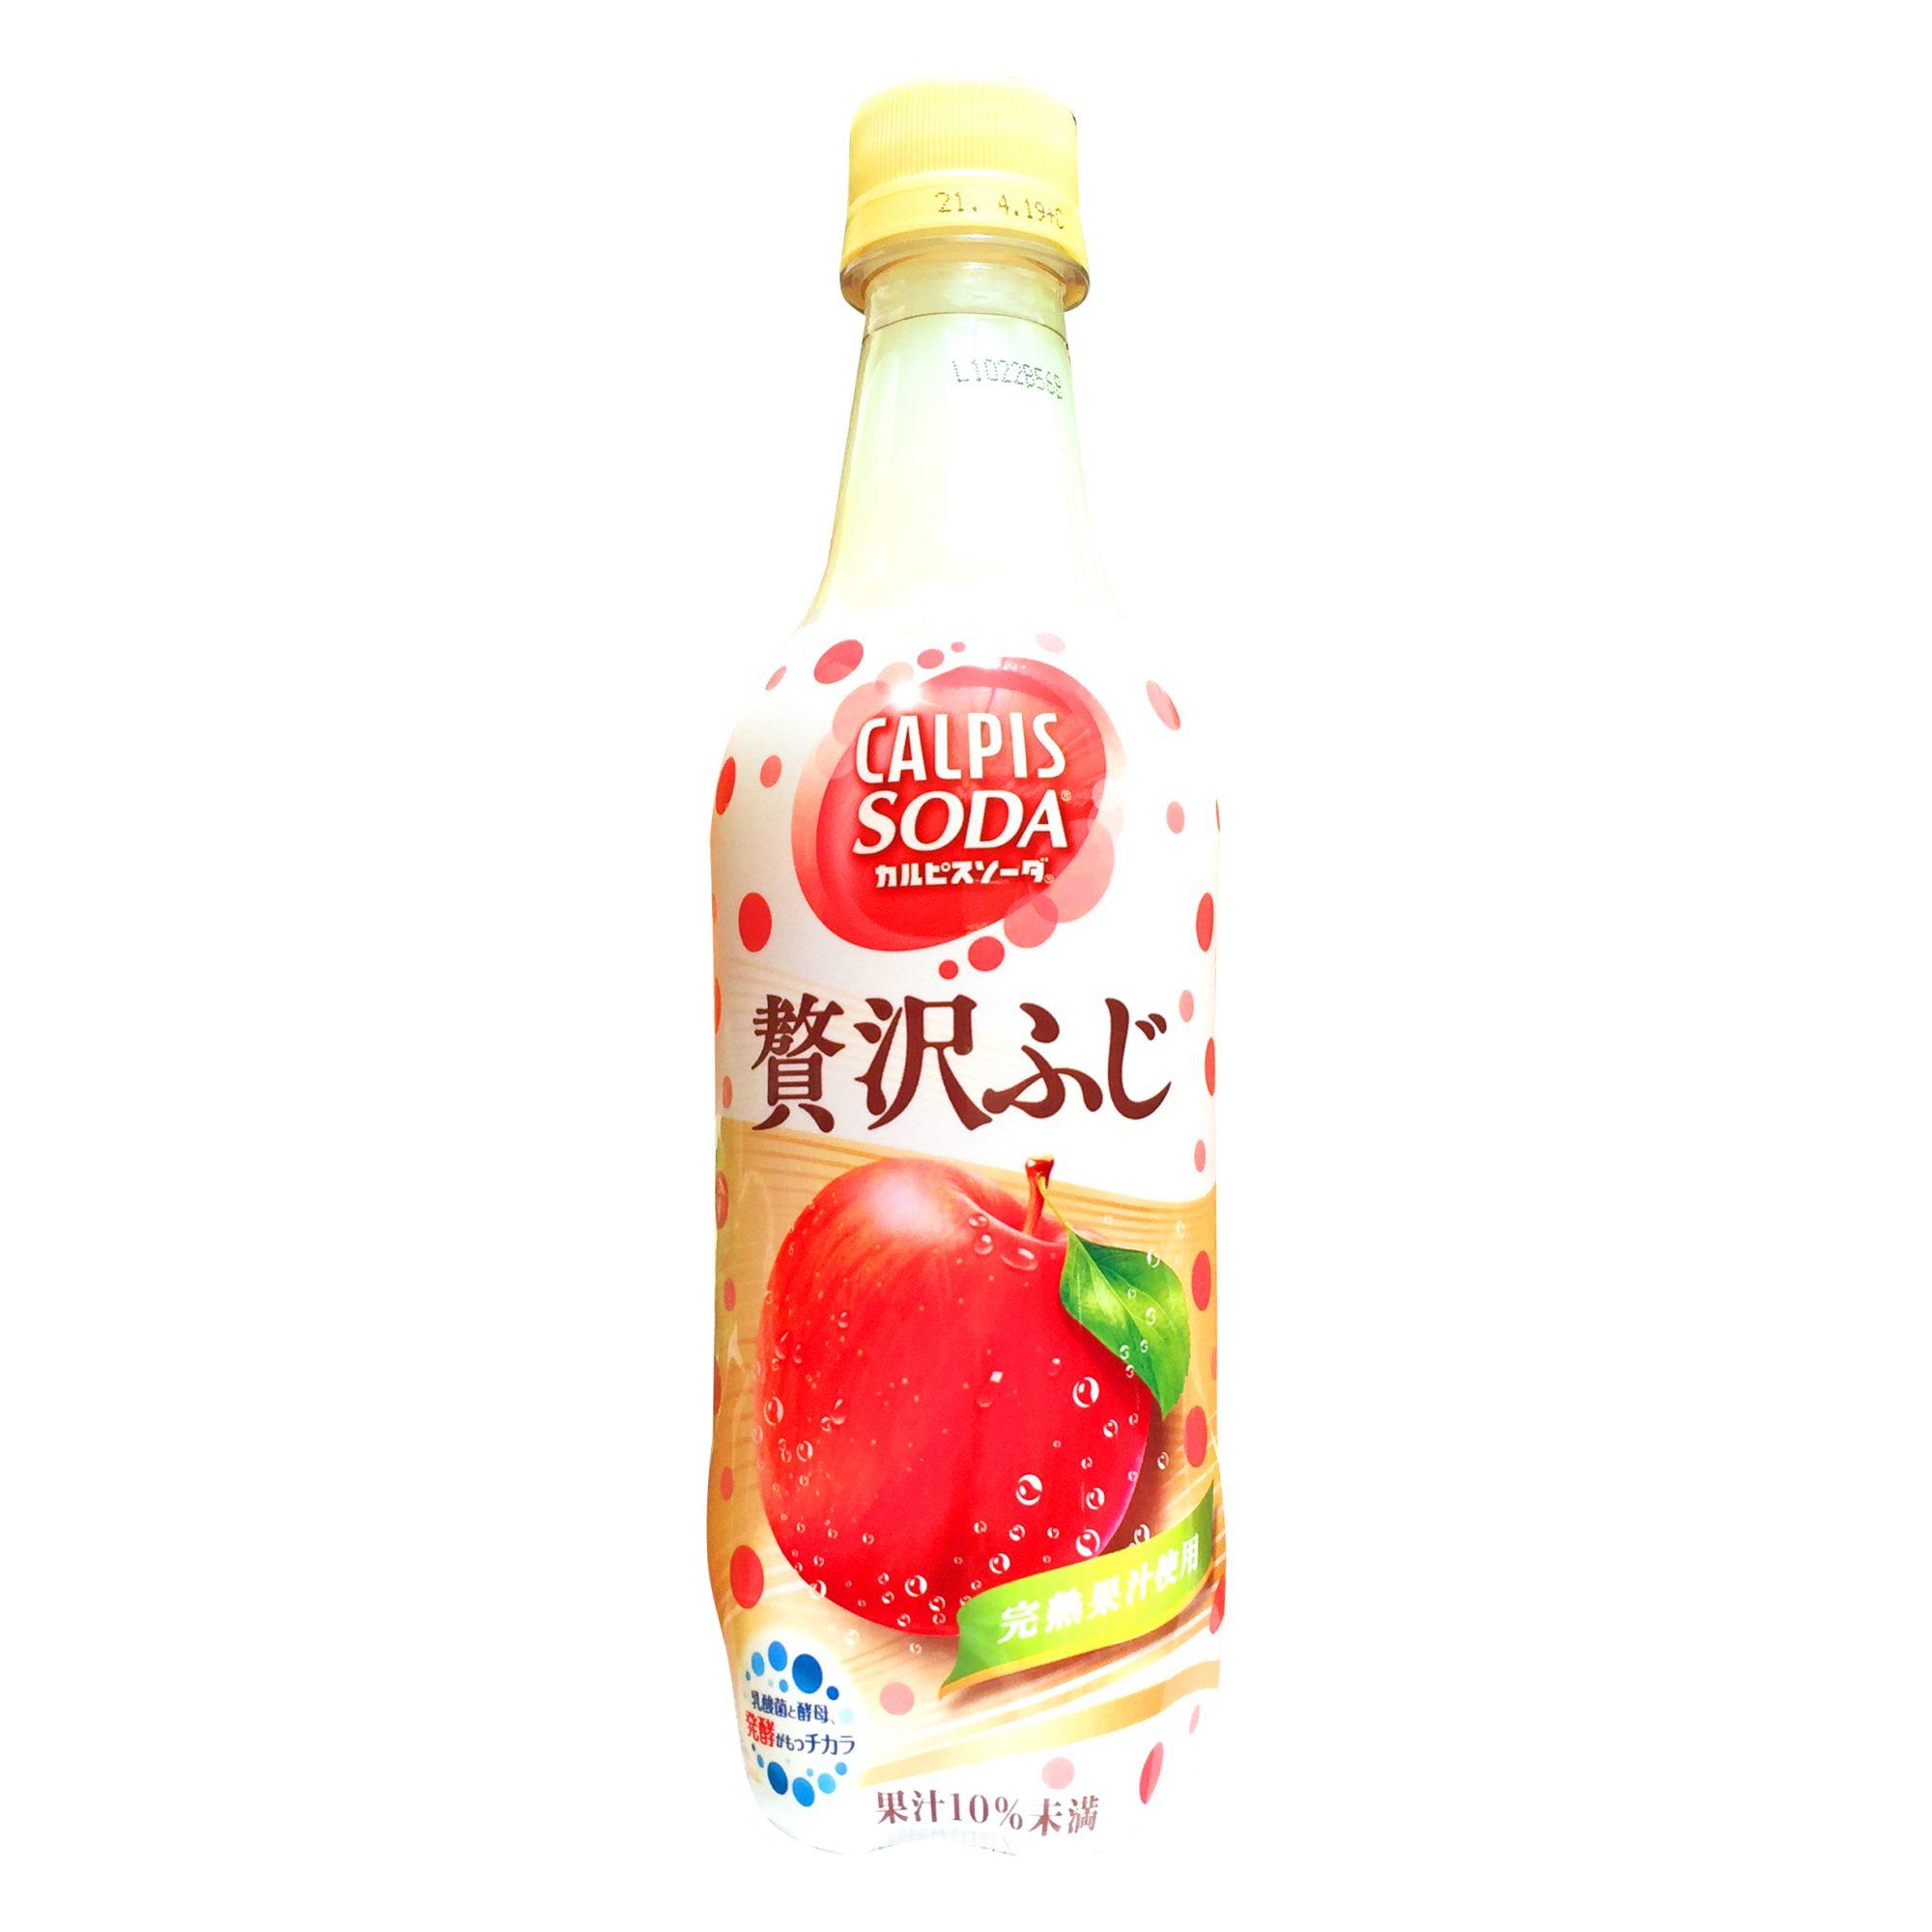 アサヒ飲料『カルピスソーダ 贅沢ふじ 450ml』は爽やかなりんごの甘酸っぱさとカルピスの酸味が相性抜群!プライチお得情報も◎